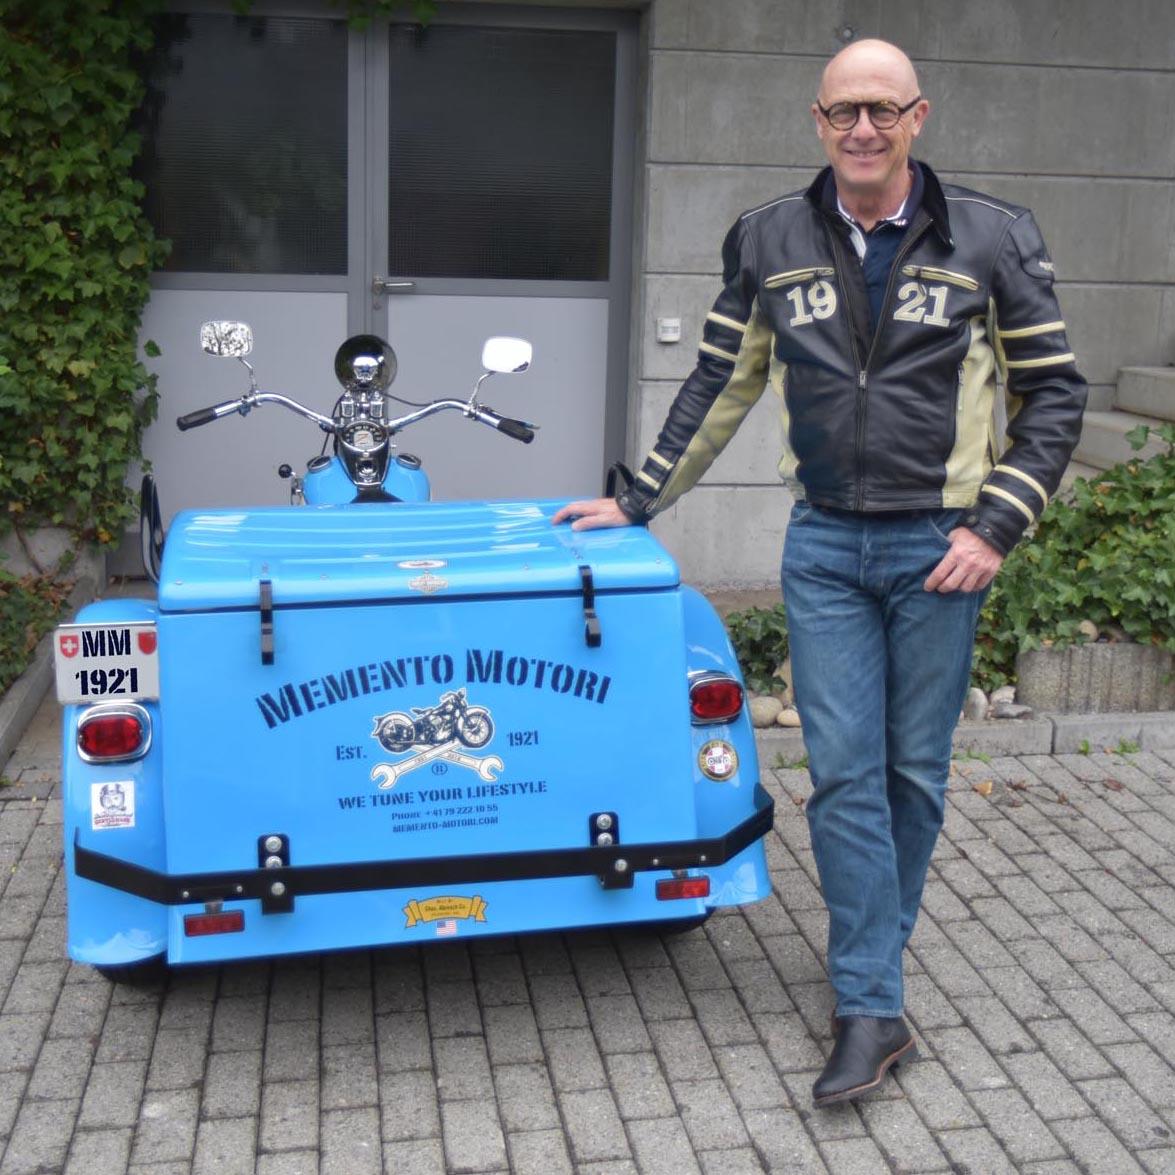 Der Schmuckdesigner Ueli Küng produziert mit Design-Elementen aus dem Motorenbau, Werkzeugen hochwertige Lifestyle-Produkte.